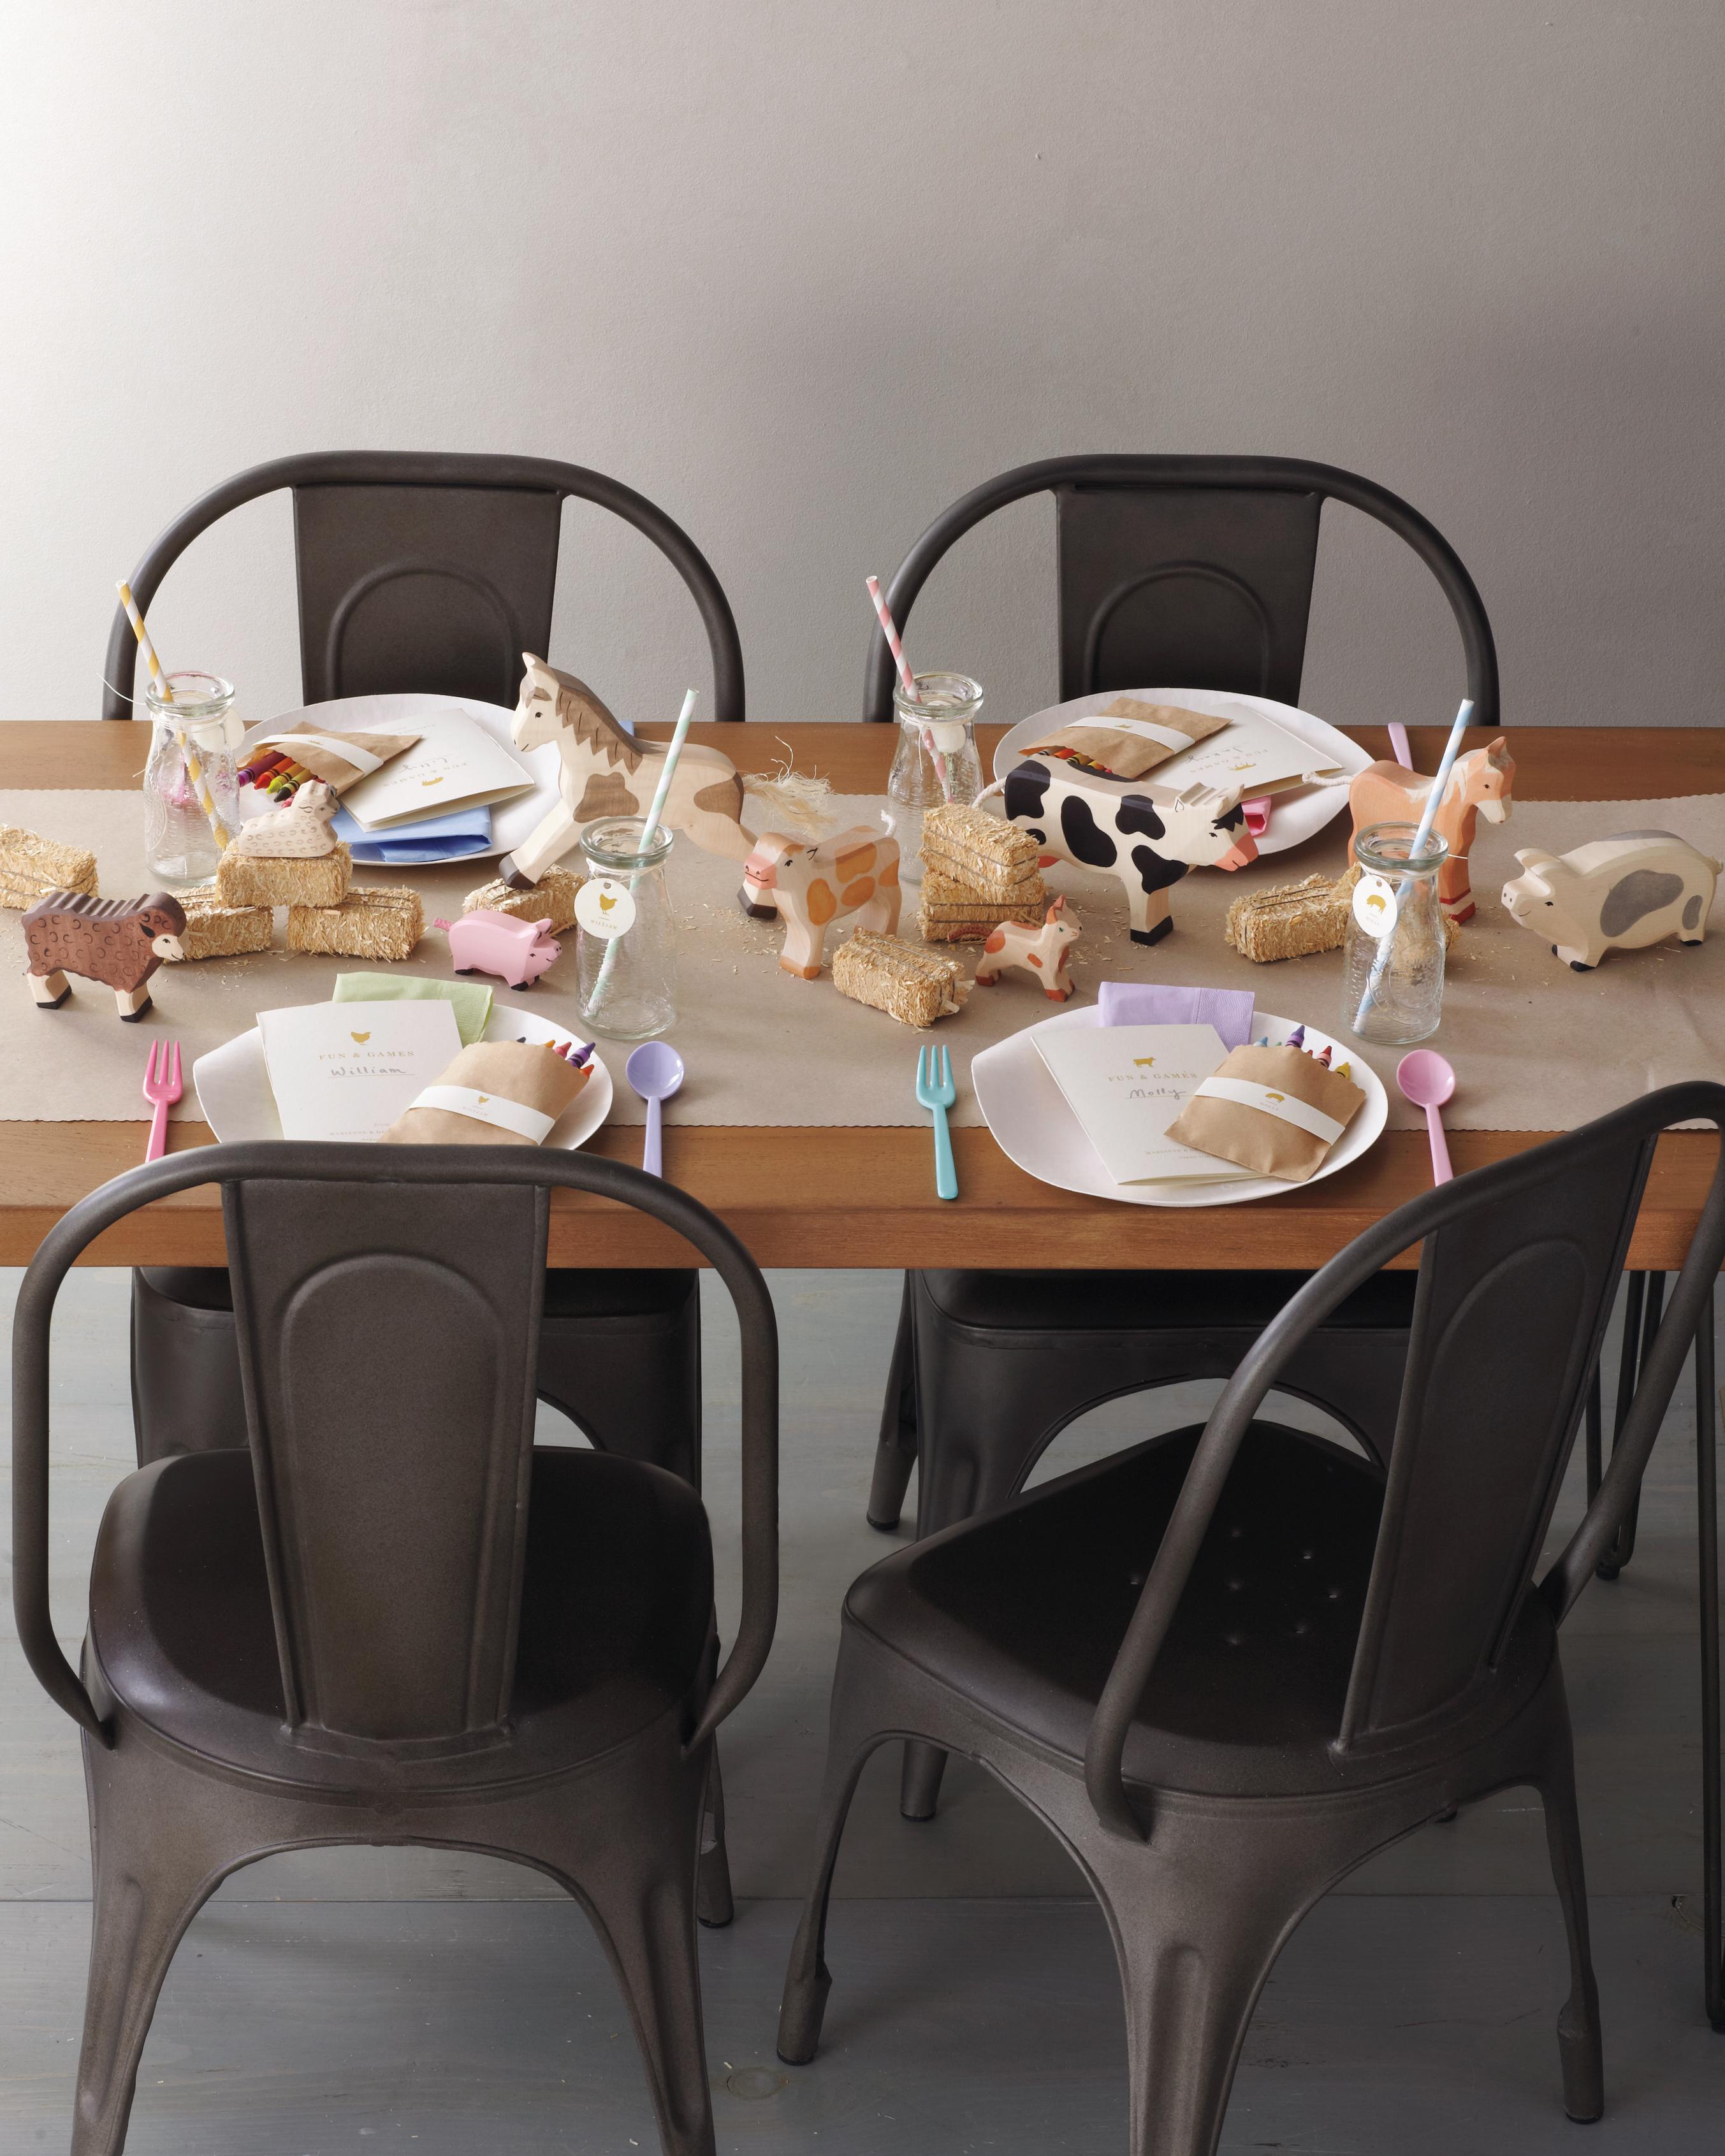 kids-table-052-mwd109799.jpg